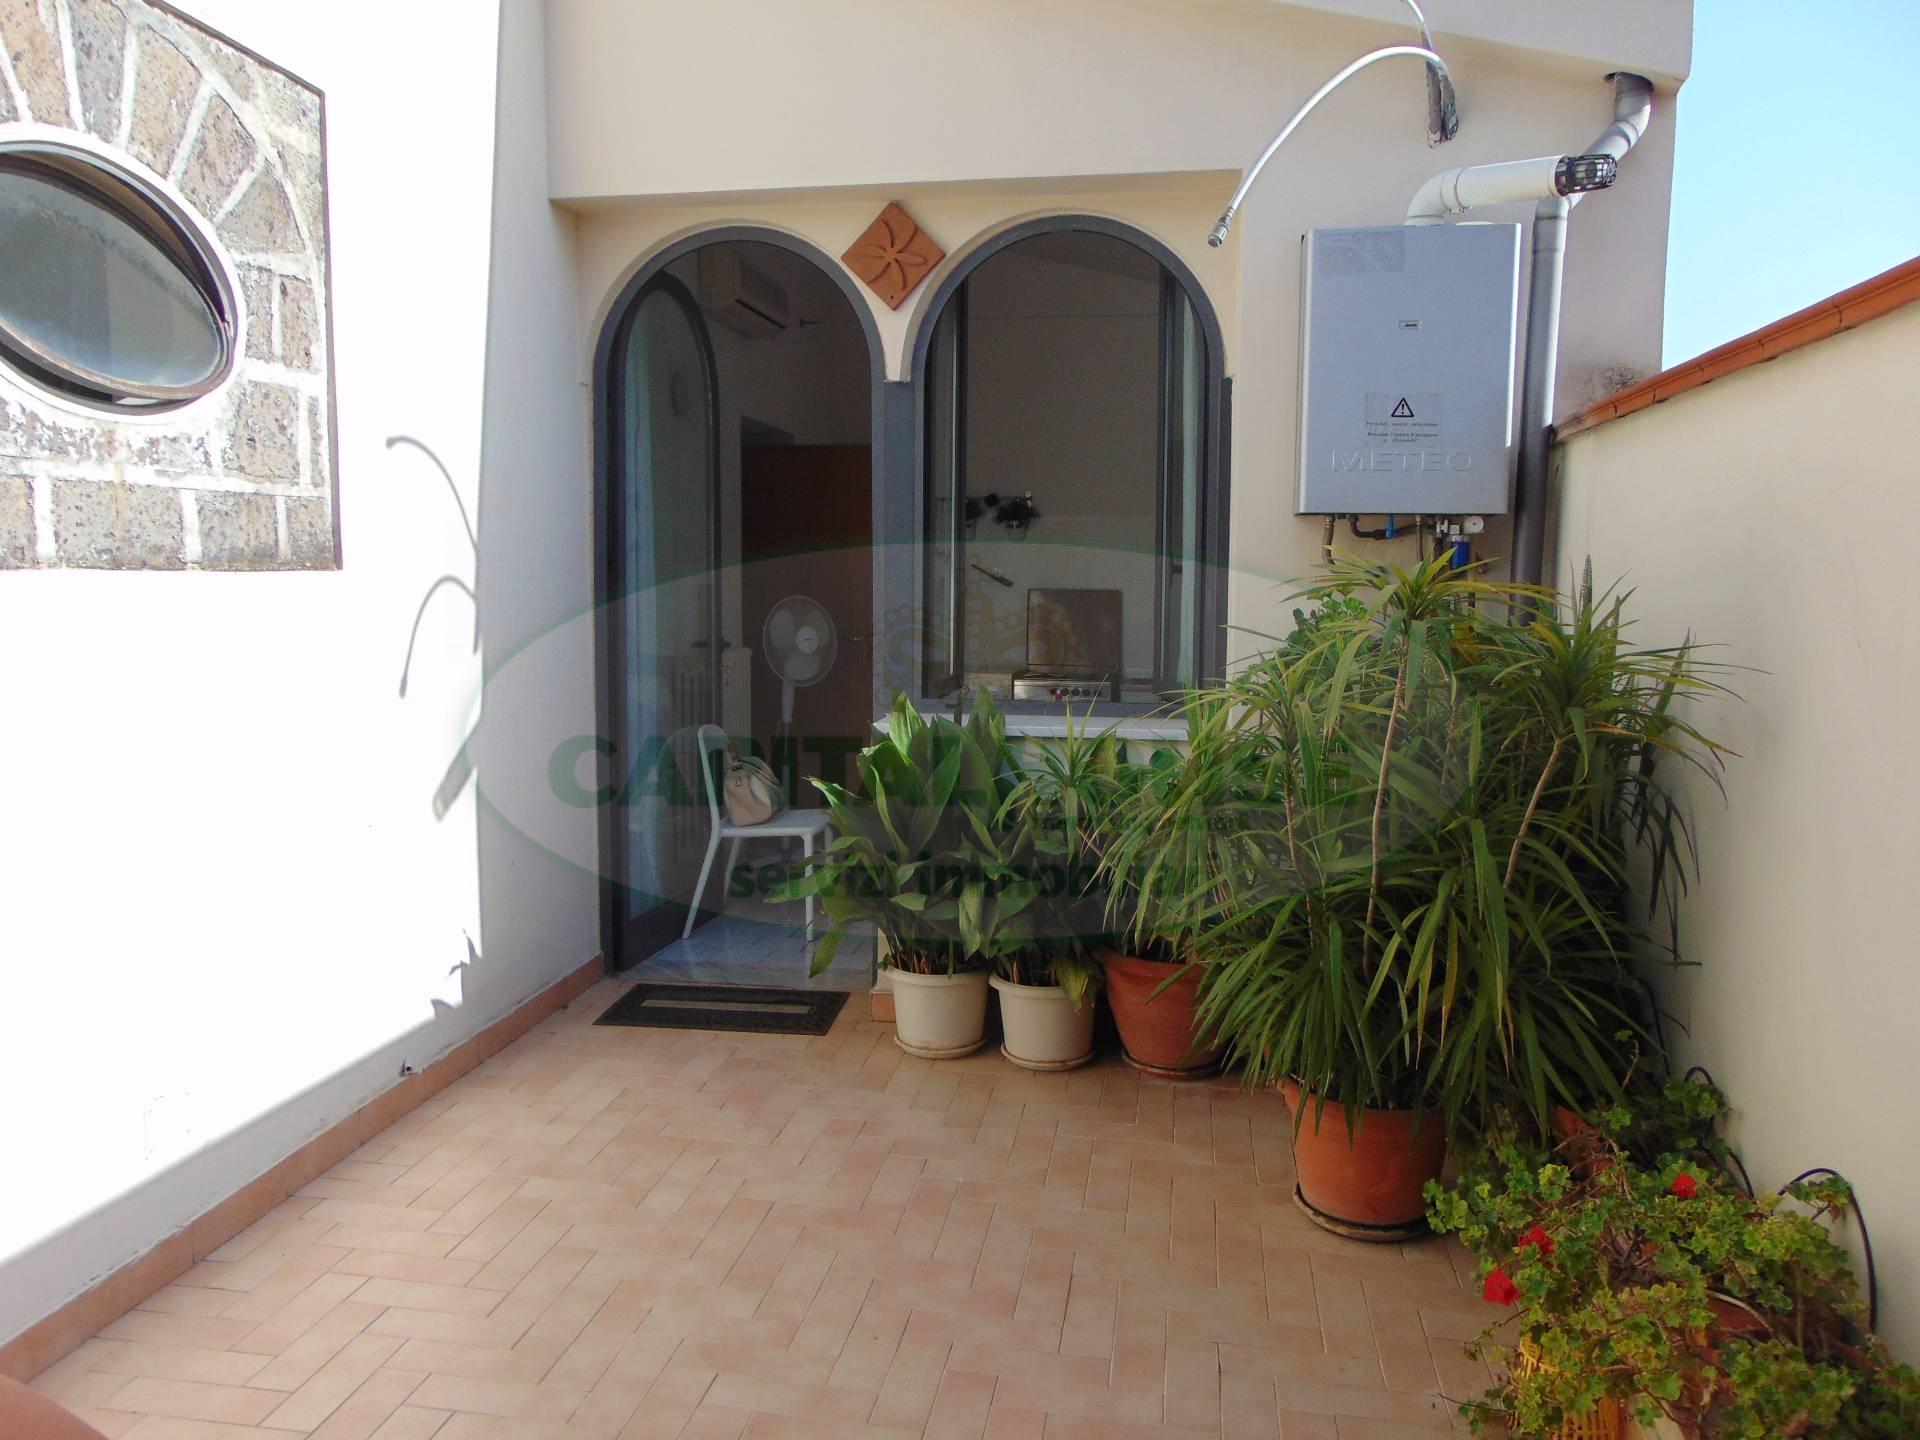 Attico / Mansarda in affitto a Santa Maria Capua Vetere, 2 locali, zona Località: ZonaCorso, prezzo € 290 | CambioCasa.it